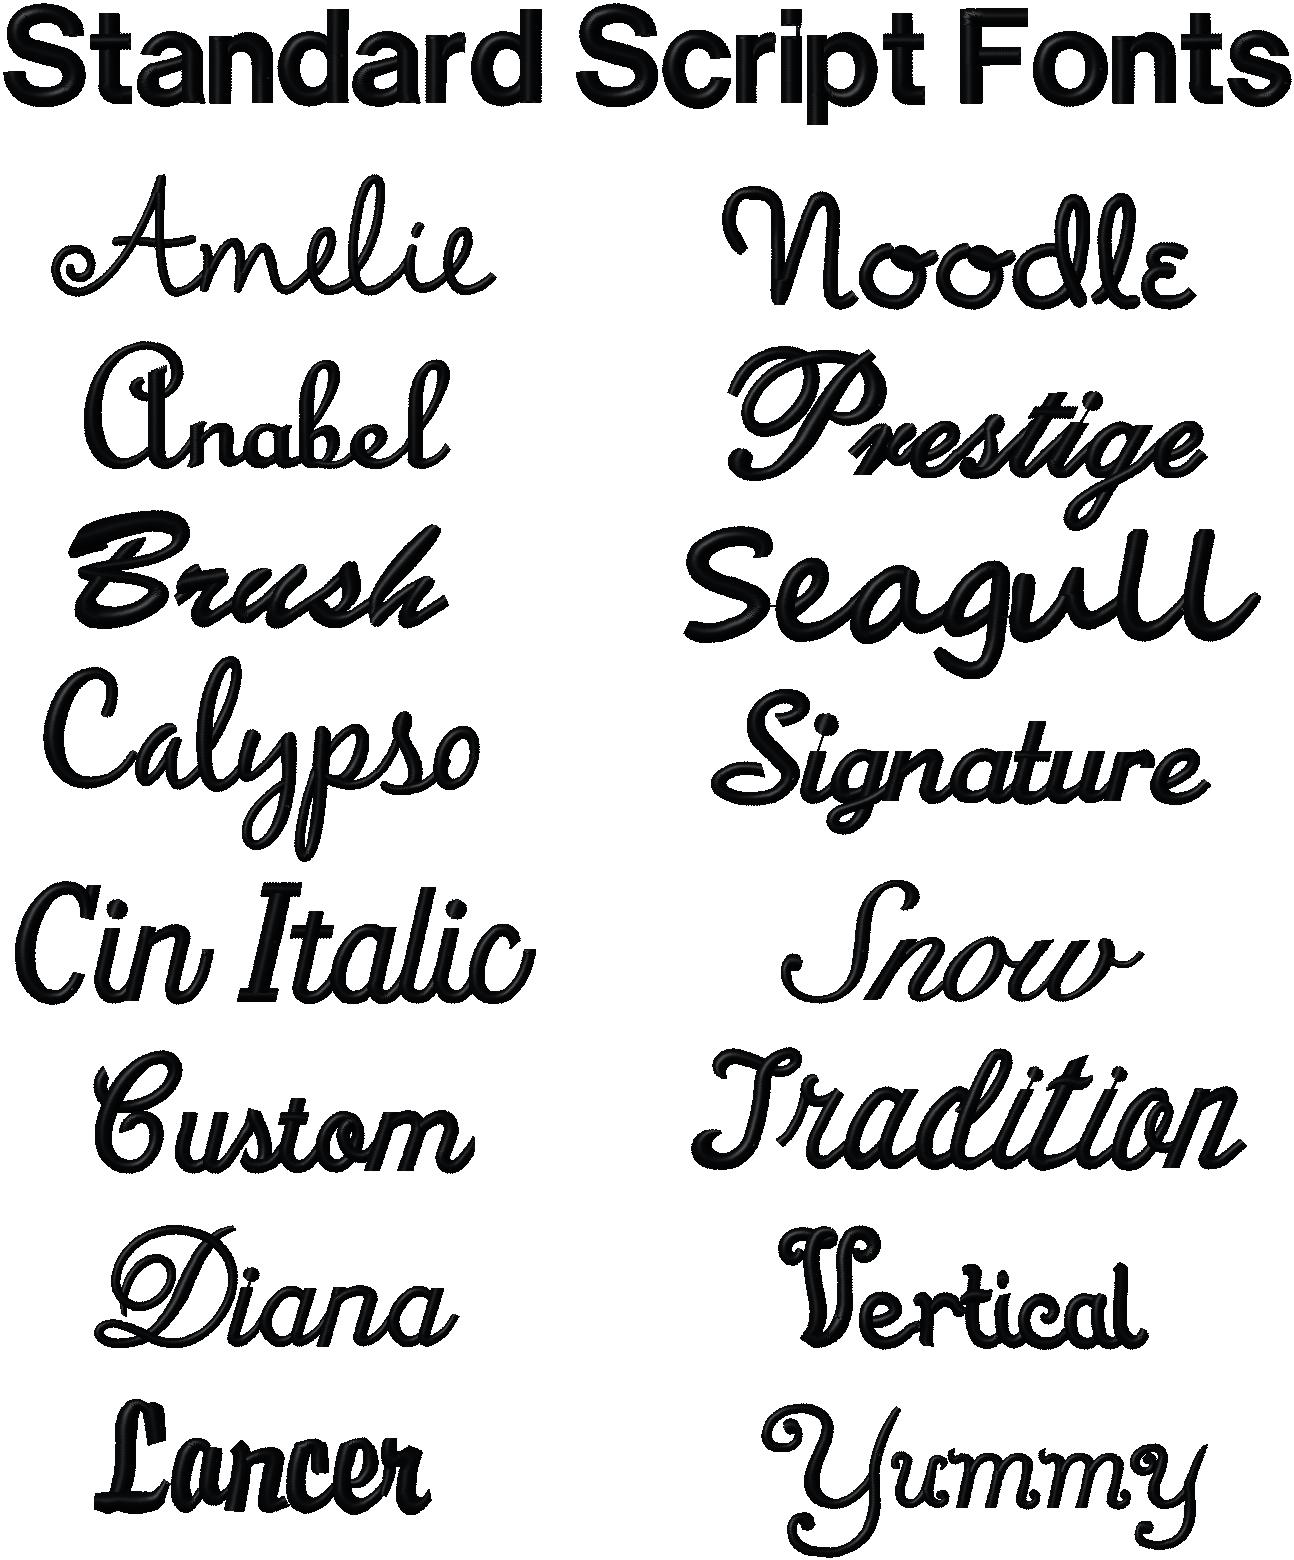 Board - Standard Script Fonts April 2016_POF.PNG